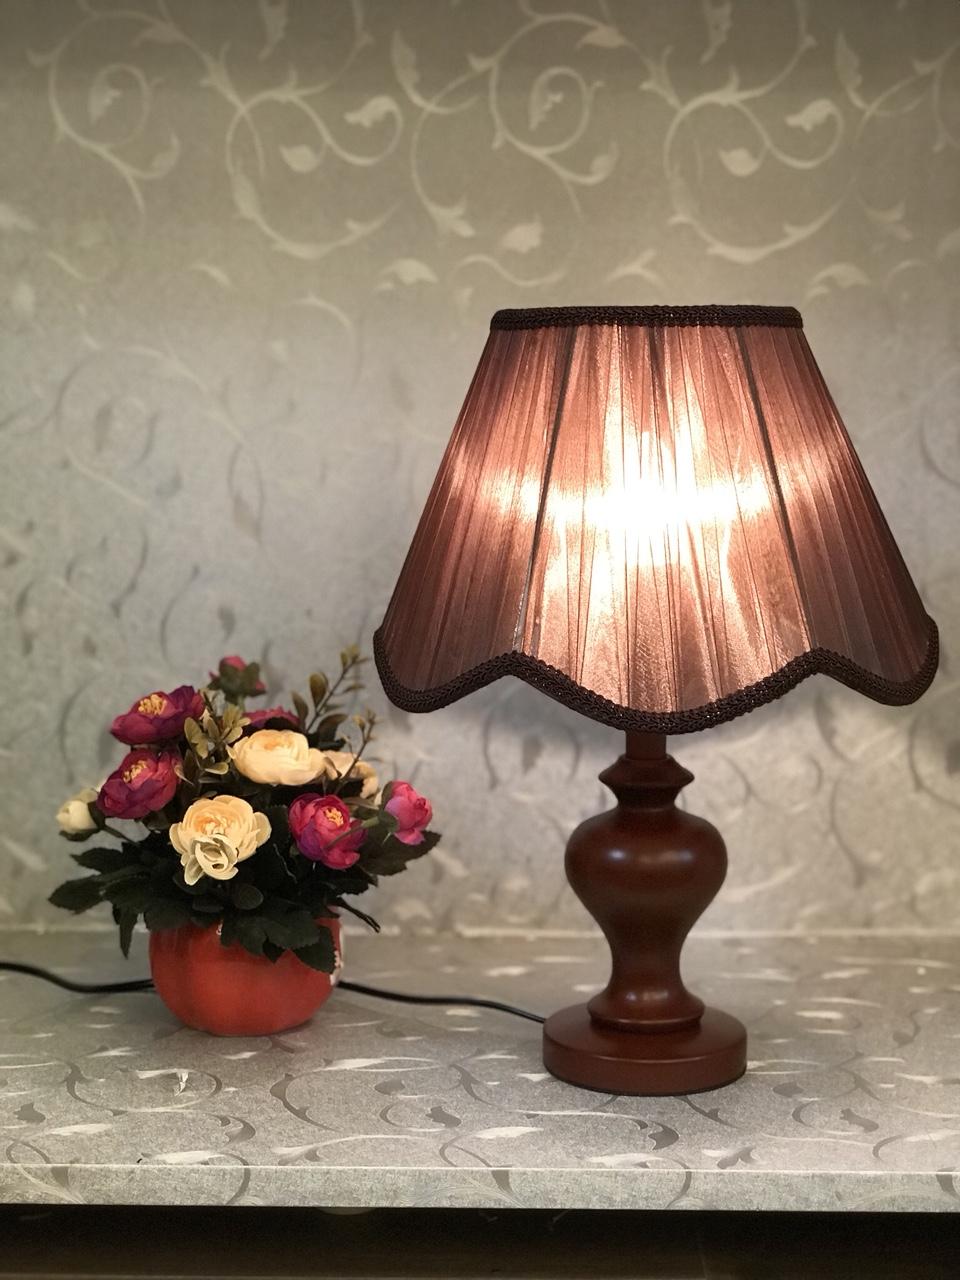 Đèn bàn - đèn bàn trang trí phòng ngủ - đèn ngủ gỗ hiện đại MB2022